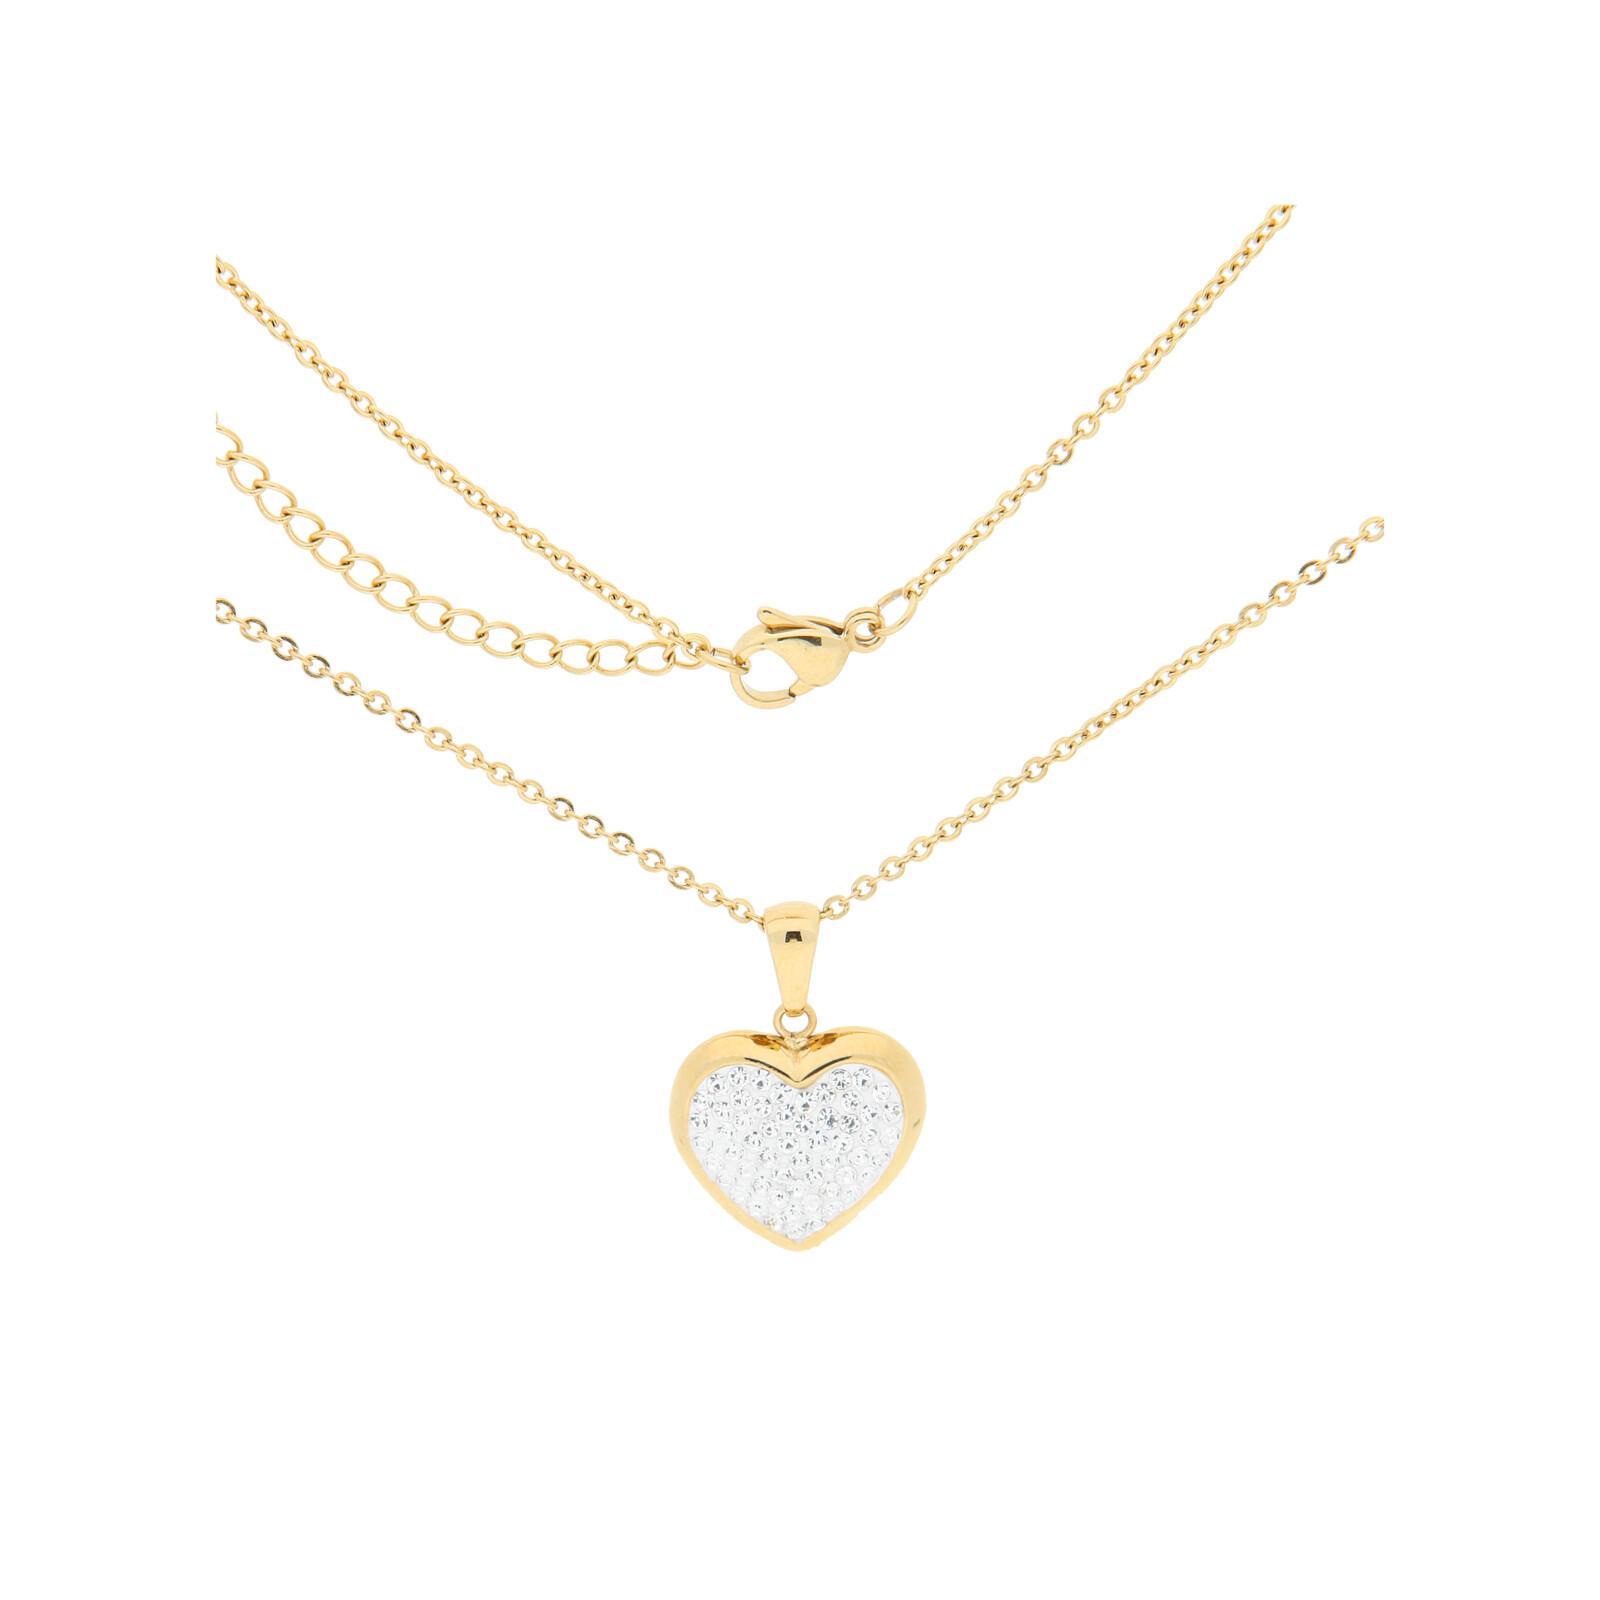 Edelstahlkette Gold Kristall Herz